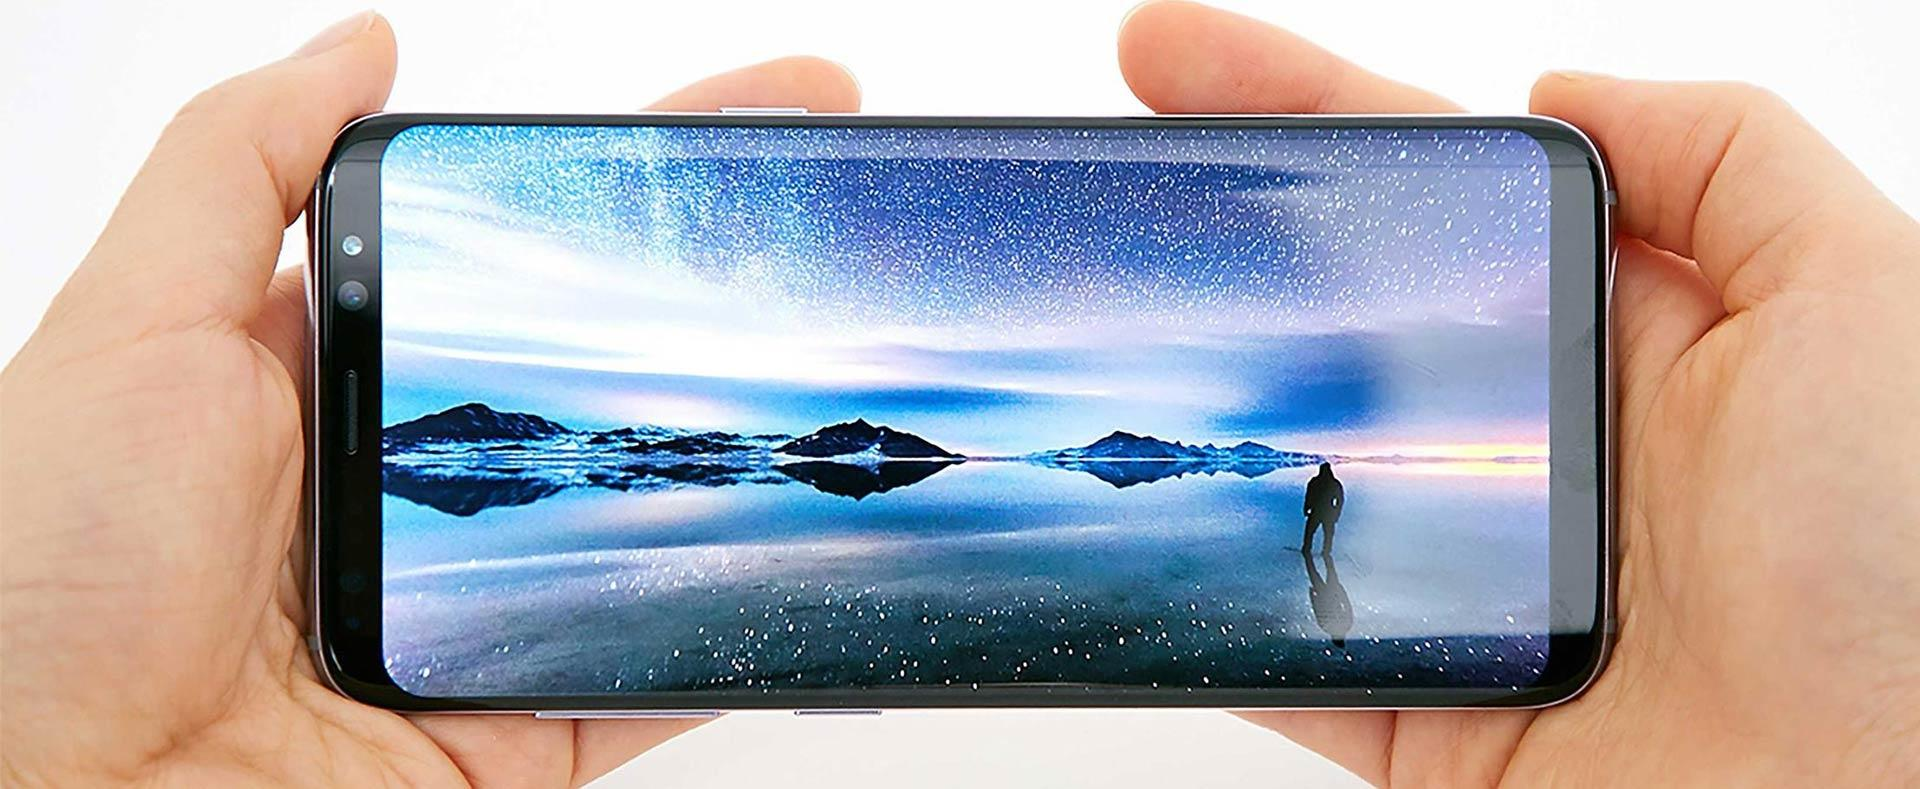 Продажи Galaxy S8 и S8+ в России — дата выхода наступила, озвучены цены